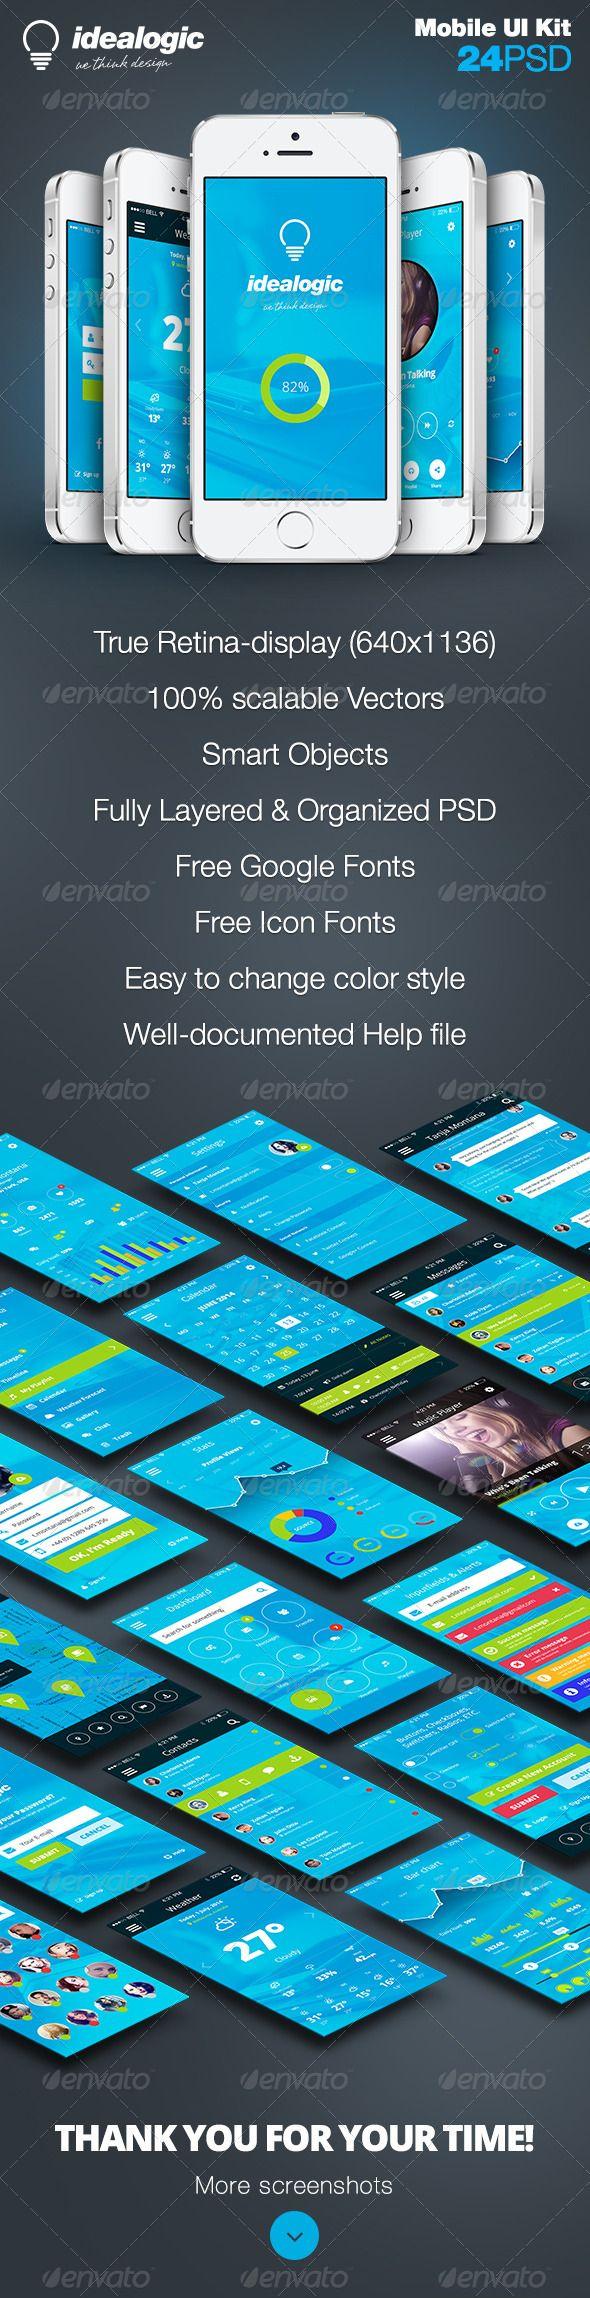 Idealogic - Flat Mobile App UI Design